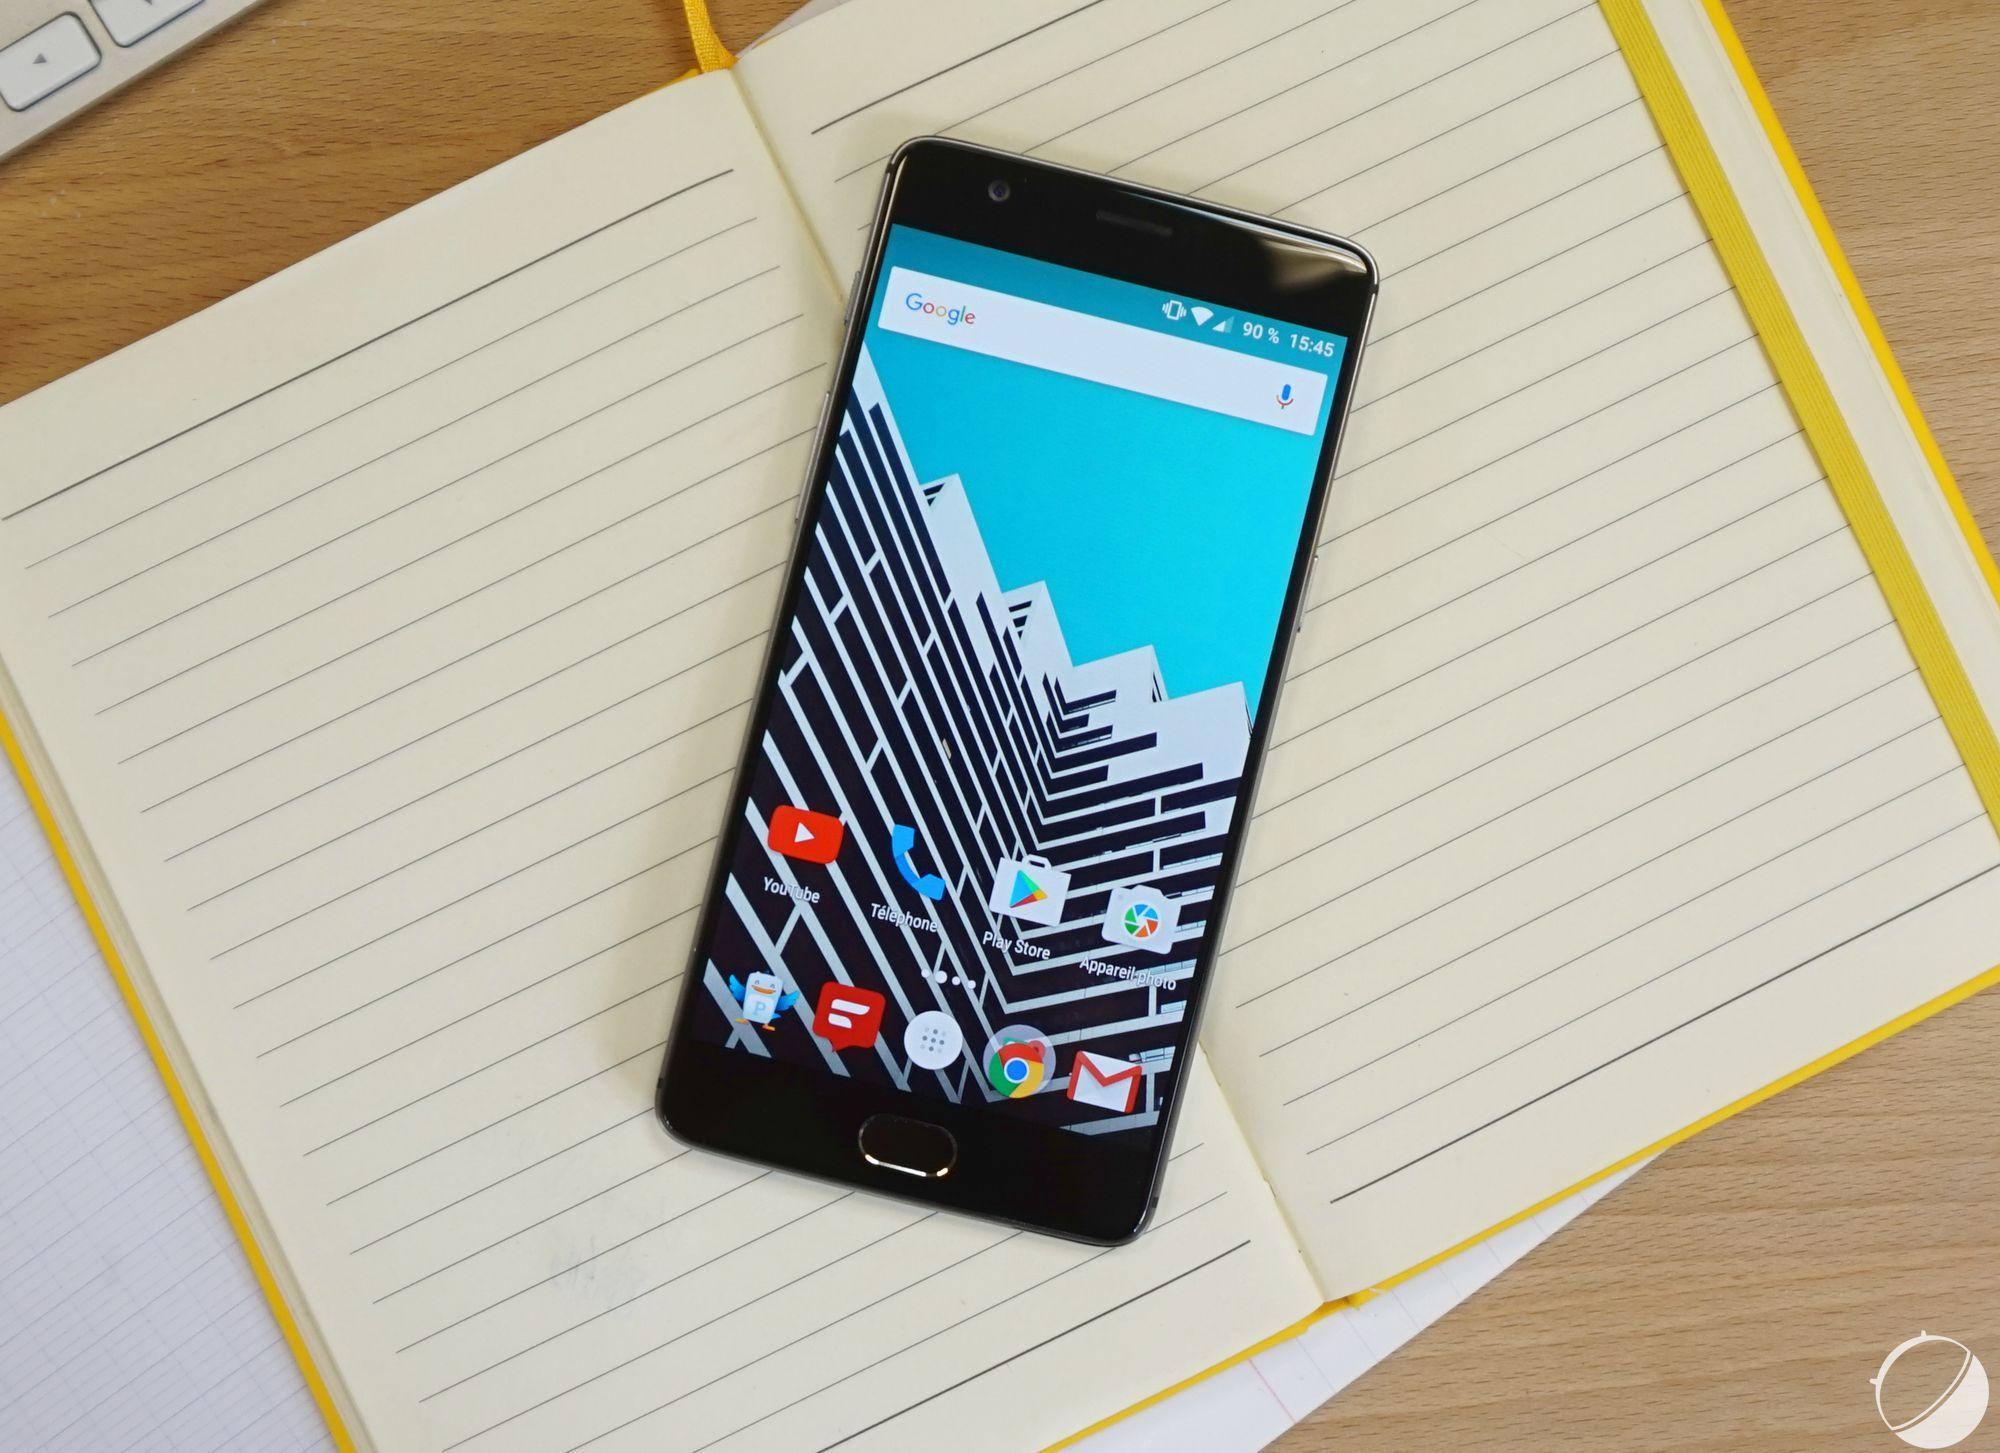 Carl Pei réagit aux critiques sur l'écran du OnePlus 3 et compte régler le problème